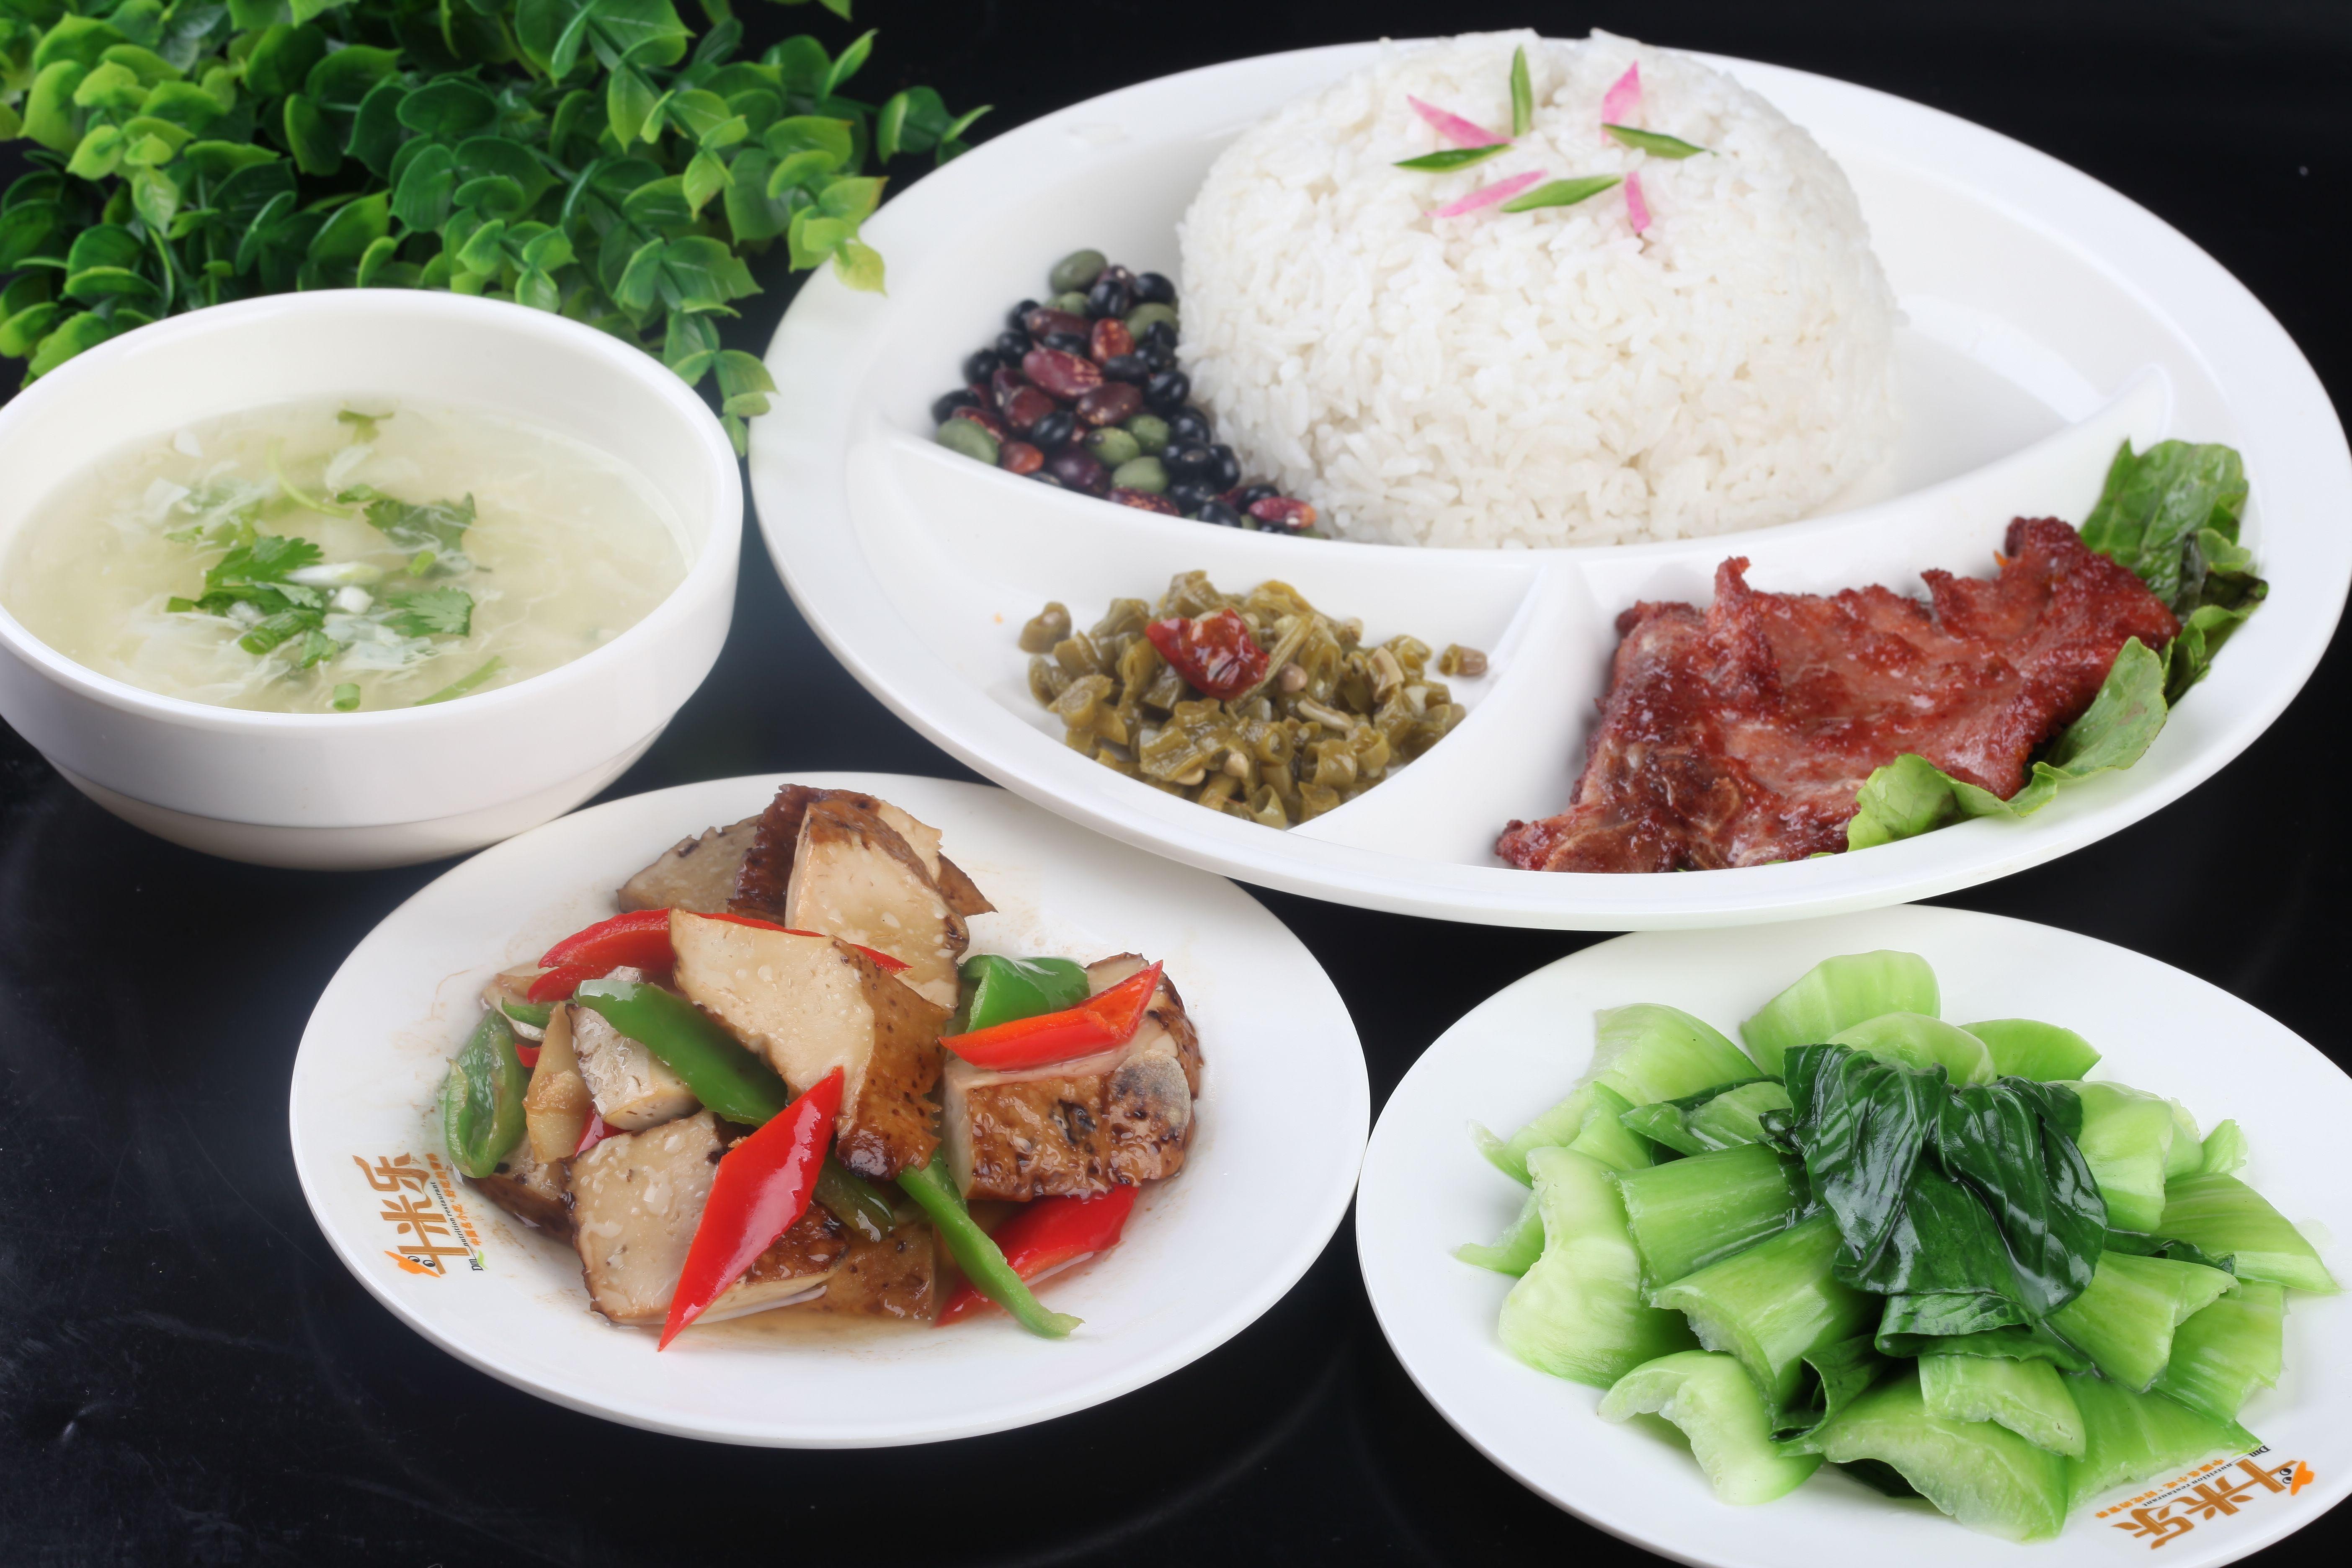 中式快餐菜品图片